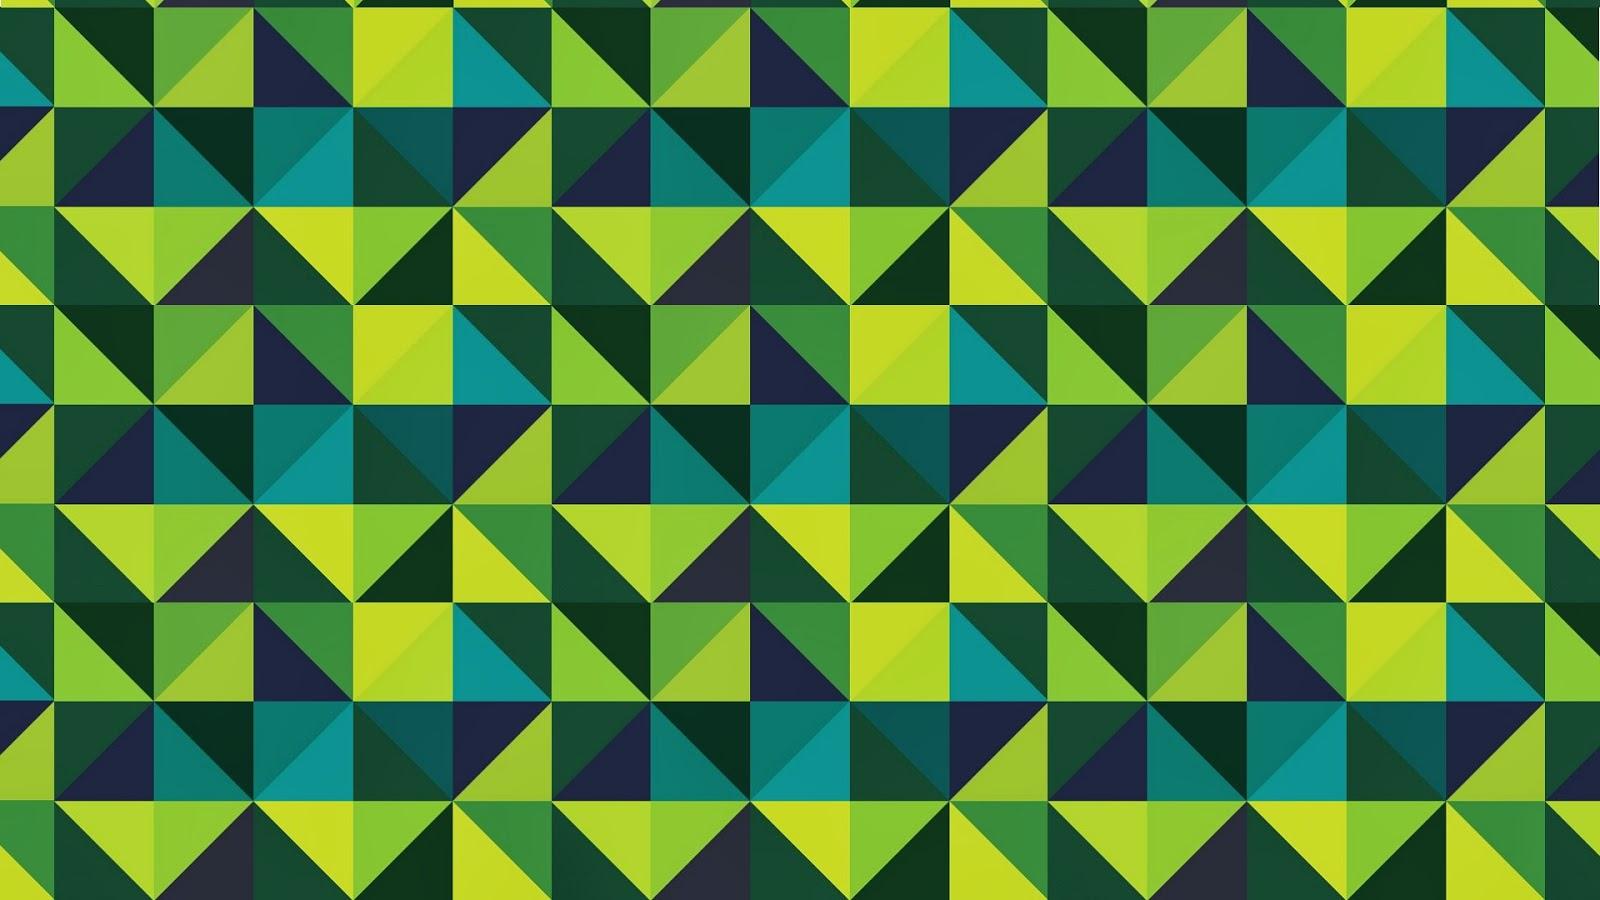 Imagenes Hilandy: Fondo De Pantalla Abstracto Rombo De Colores